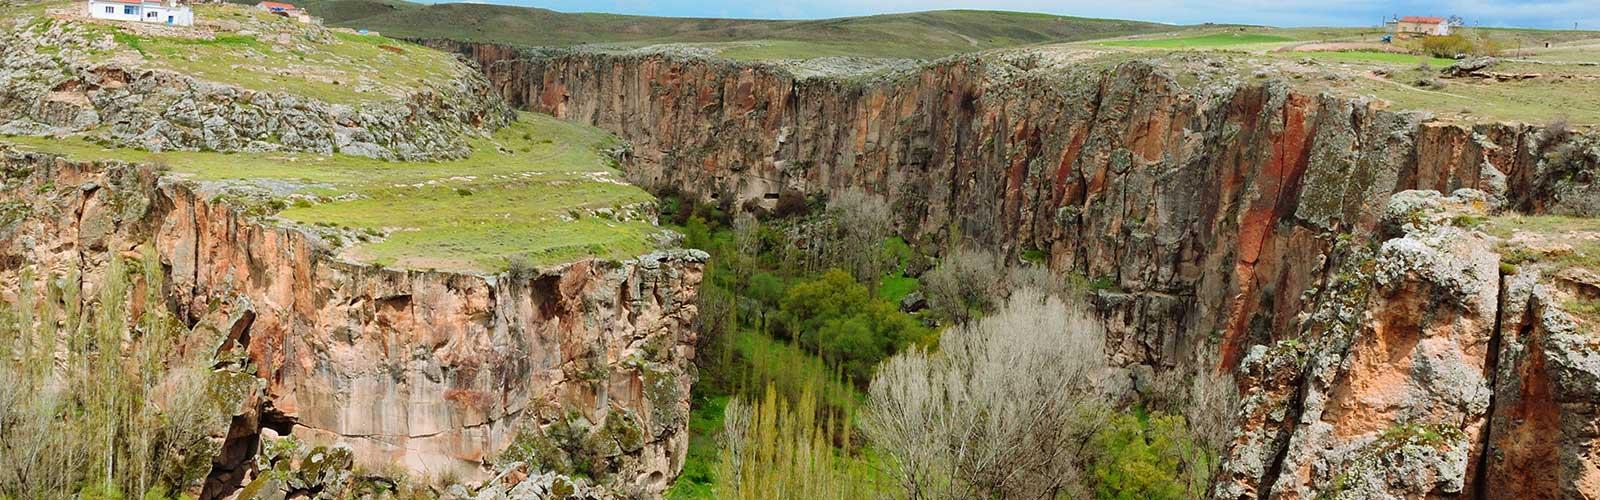 Ihlara Valley Cappadocia View